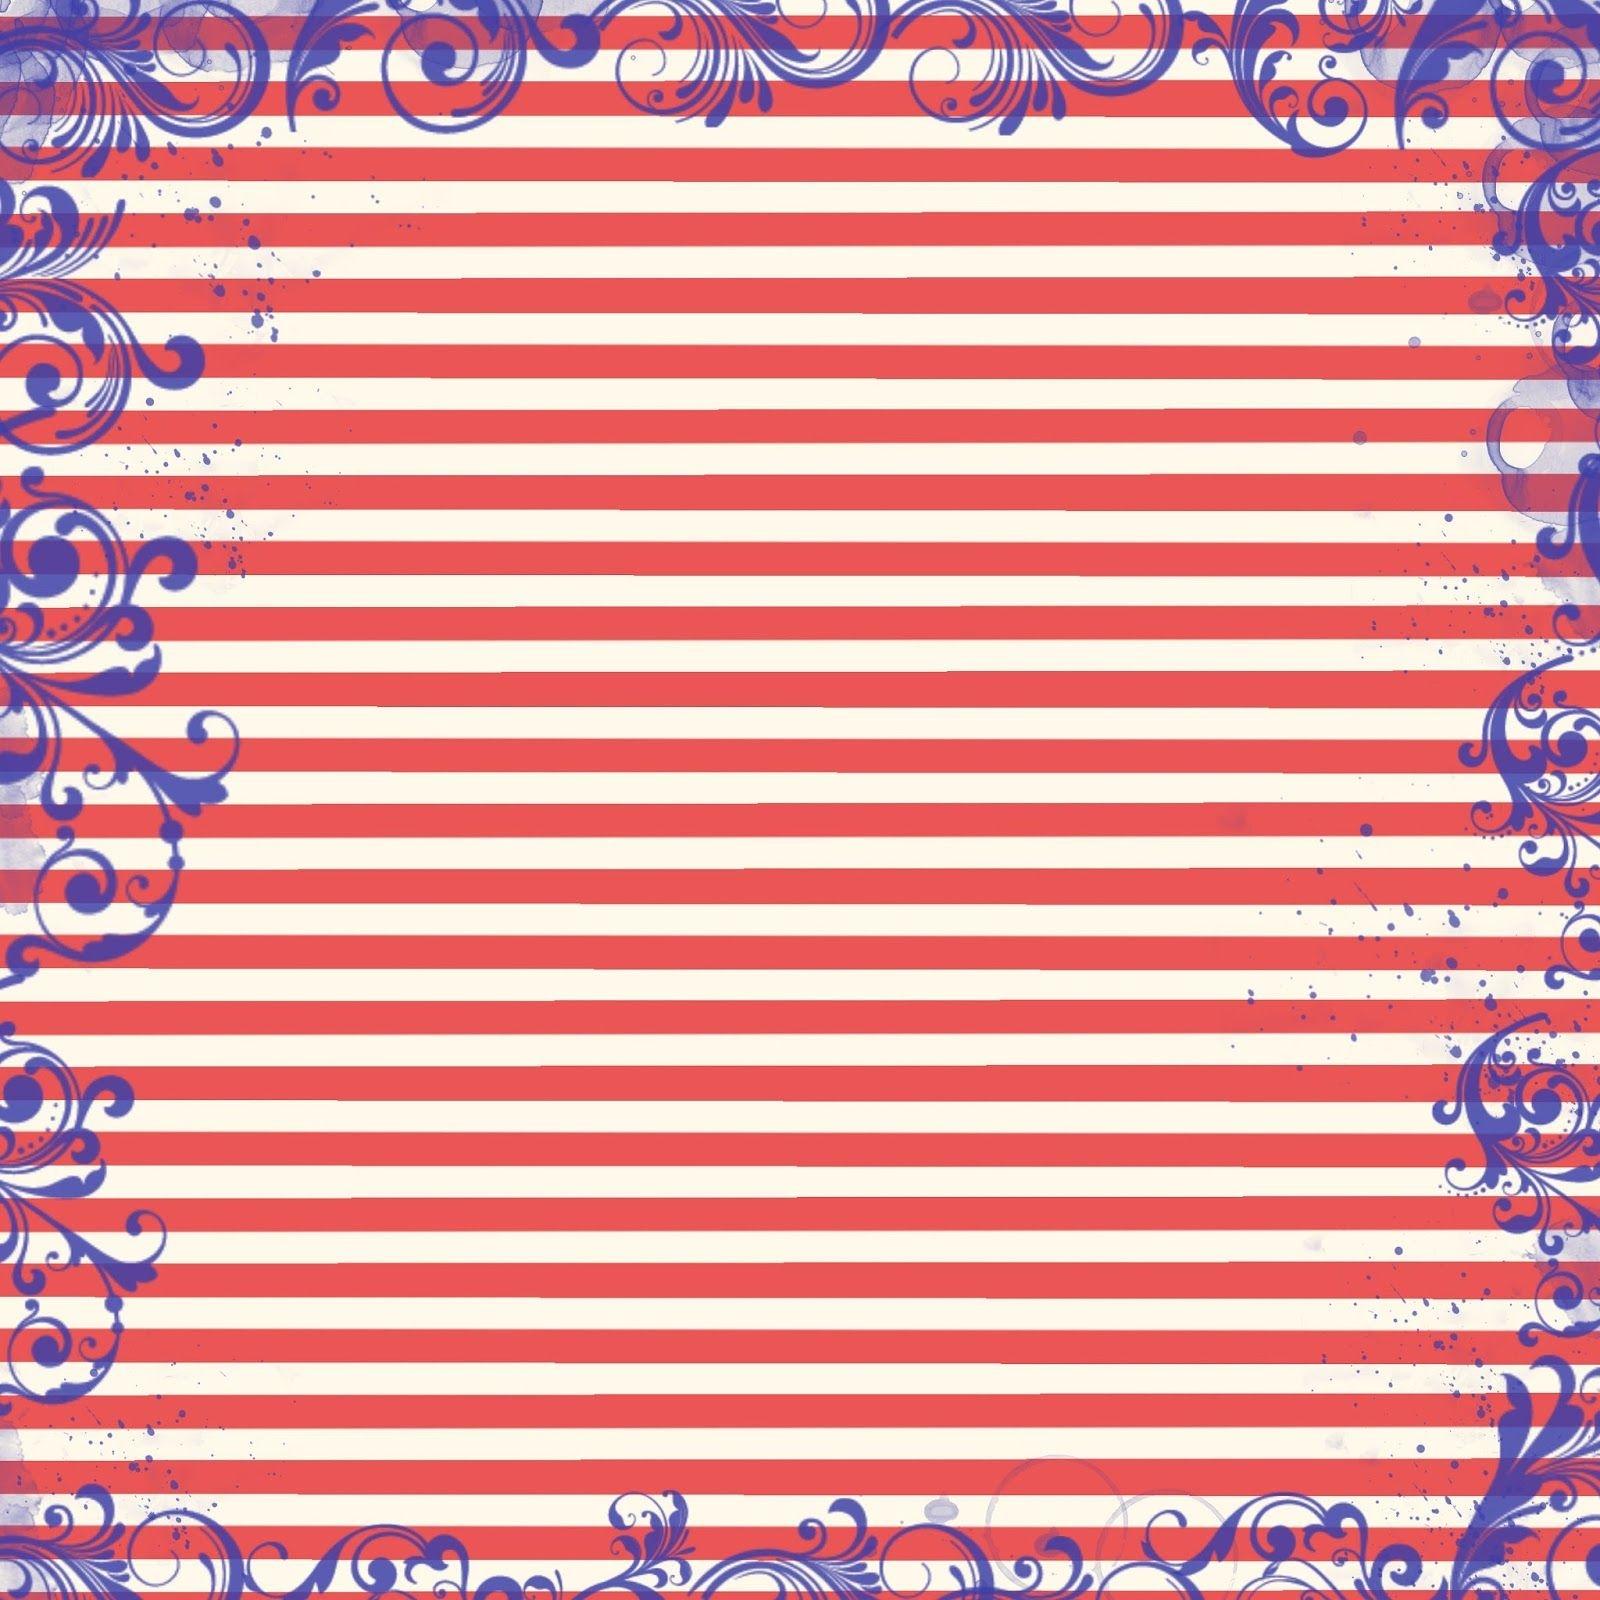 Free Digital Scrapbook Paper - Patriotic Red, White, And Blue - Free Printable Patriotic Scrapbook Paper